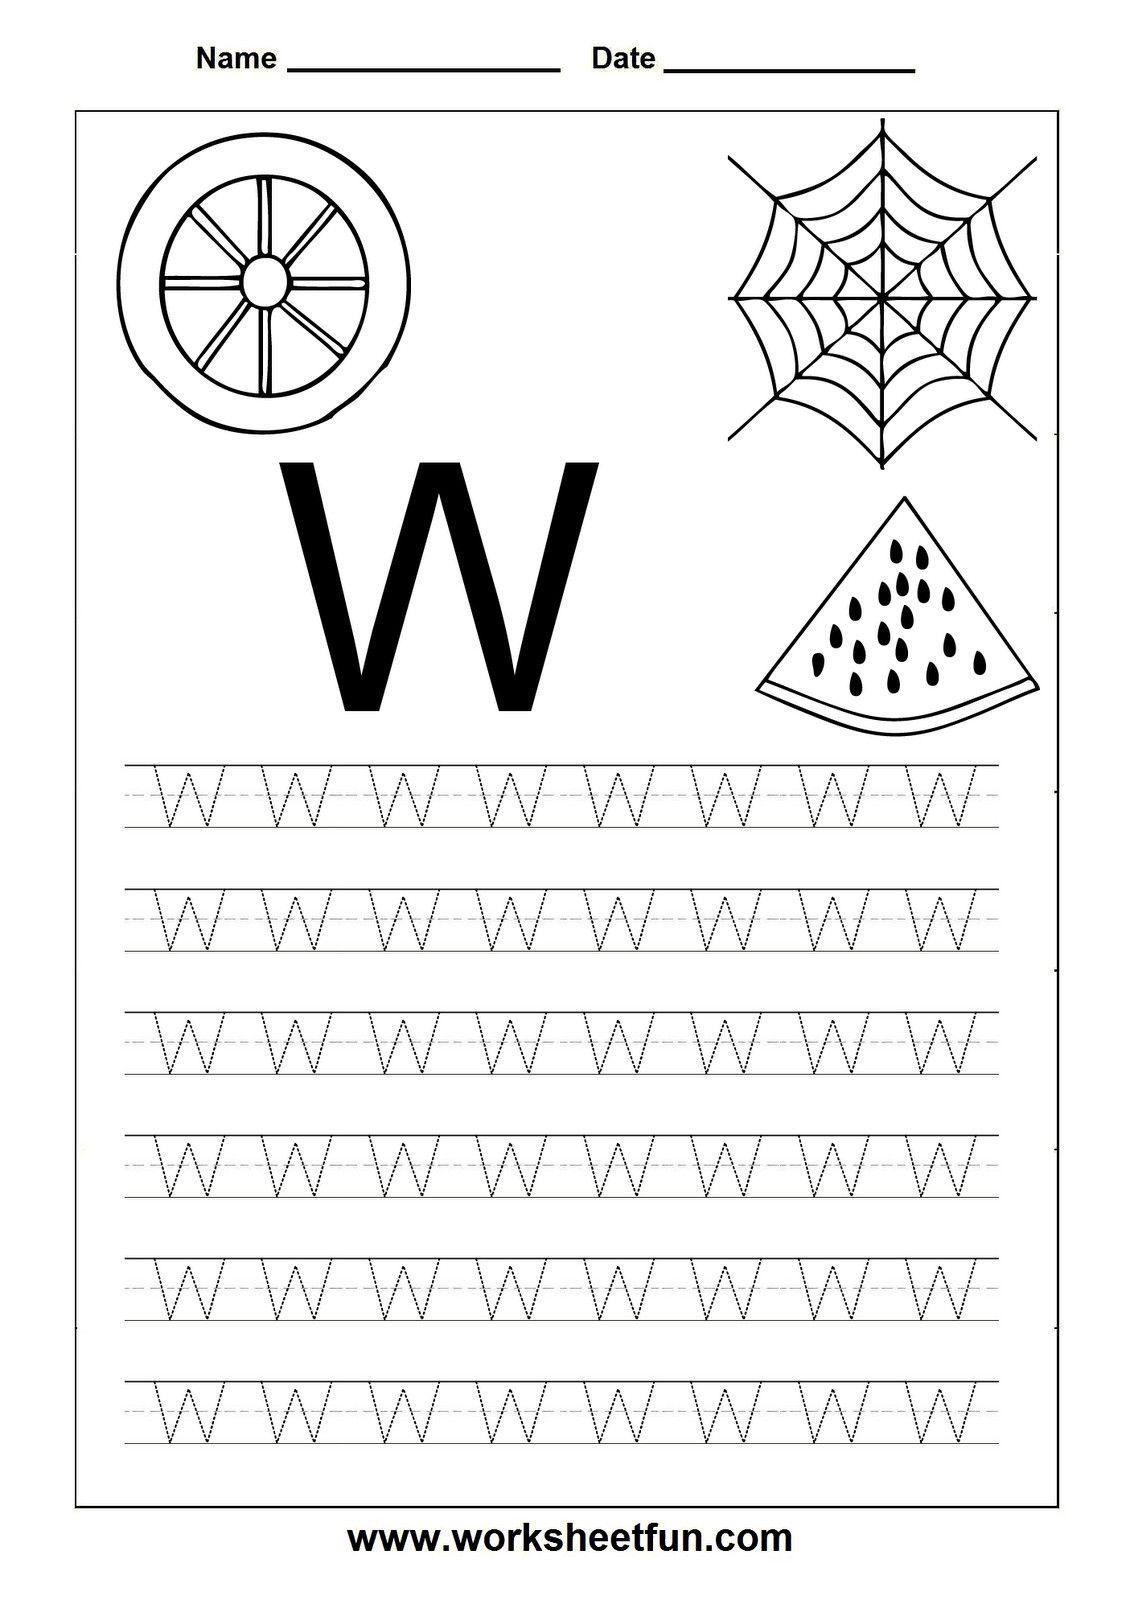 3 Free Printable Letters Worksheet Free Printable Worksheets L In 2020 Handwriting Worksheets For Kindergarten Tracing Worksheets Preschool Writing Practice Worksheets